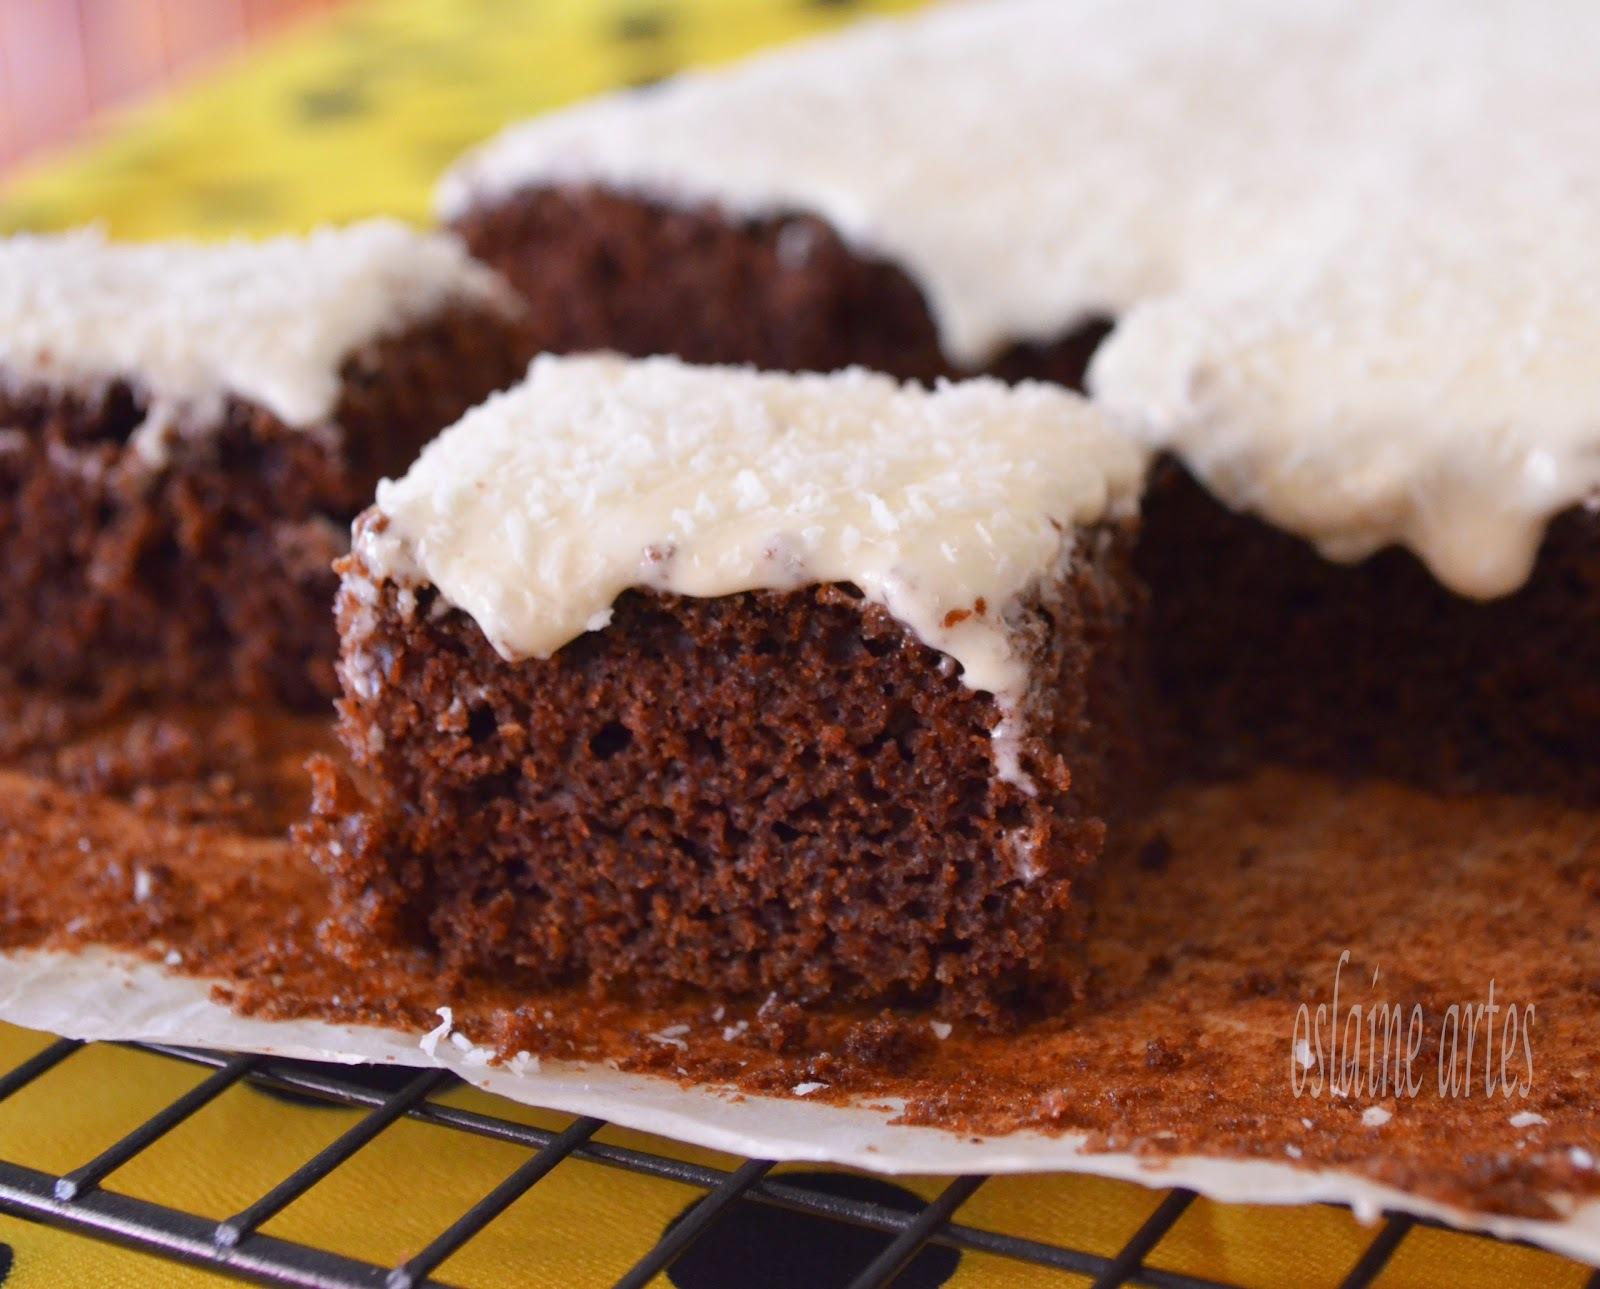 cobertura de bolo com leite condensado e emulsificante e creme de leite